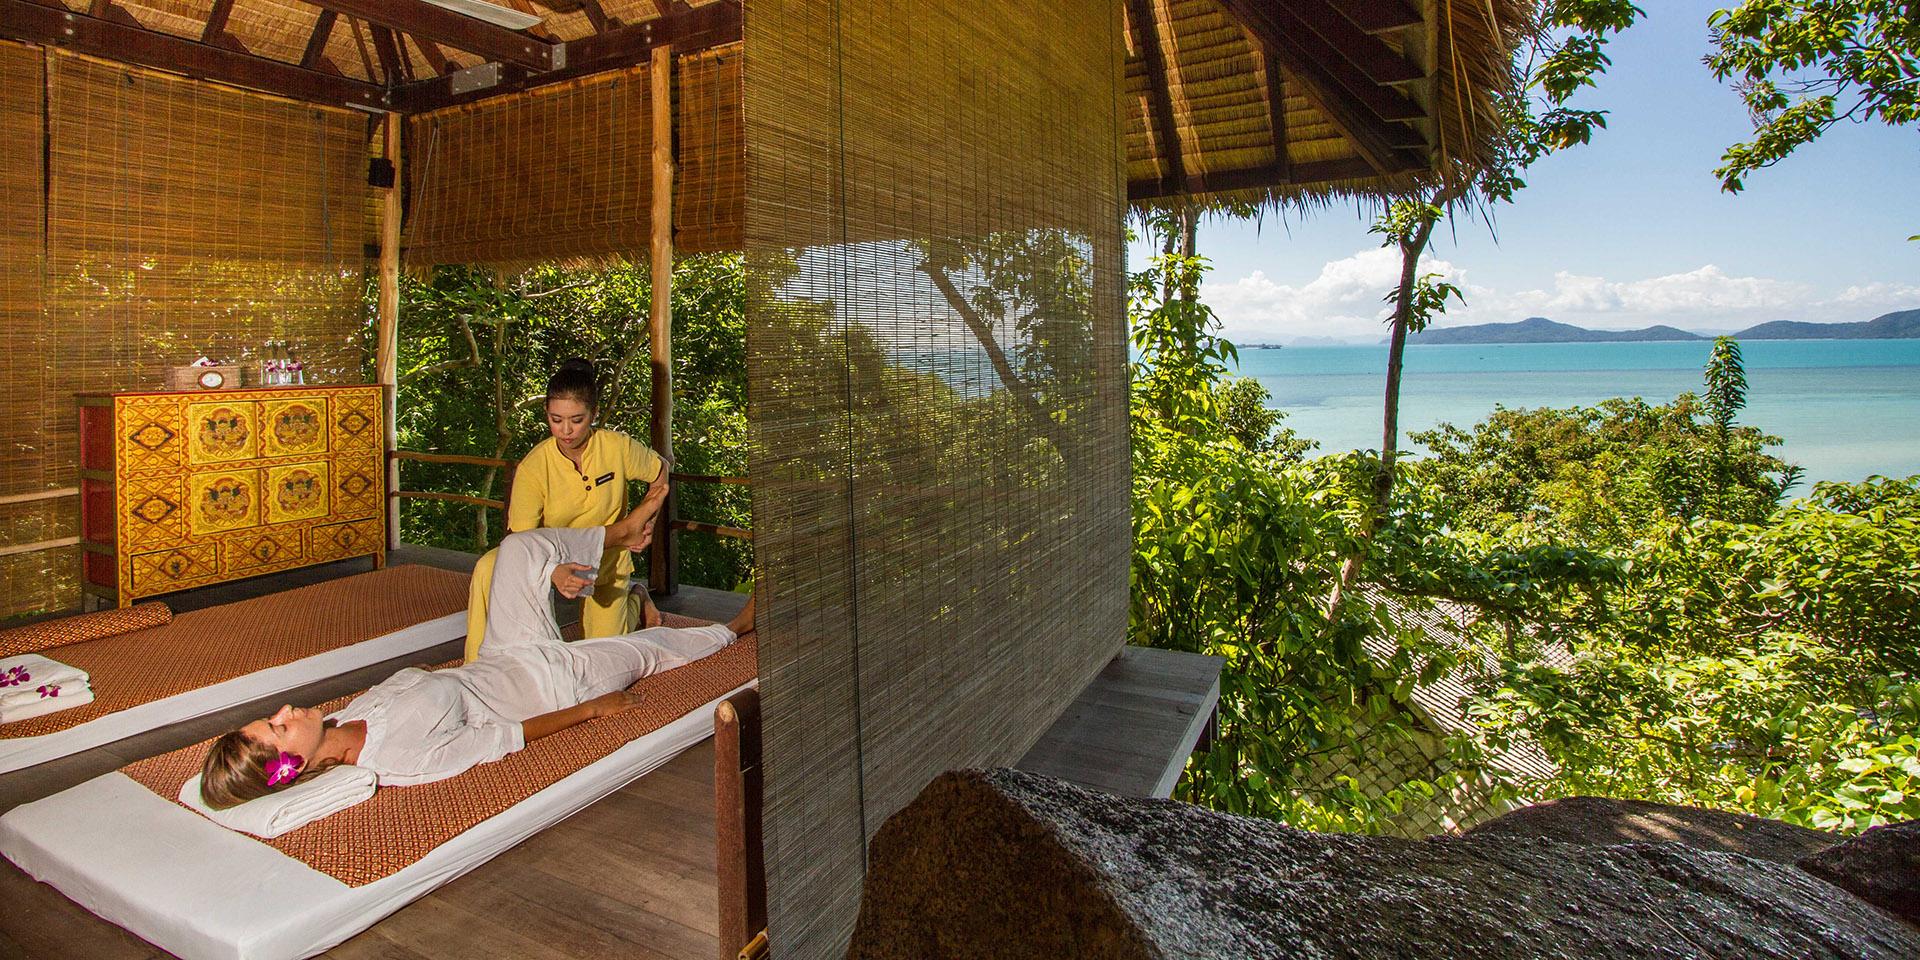 Pierdere în greutate koh samui. Principalele Destinatii Turistice din Insula Samui